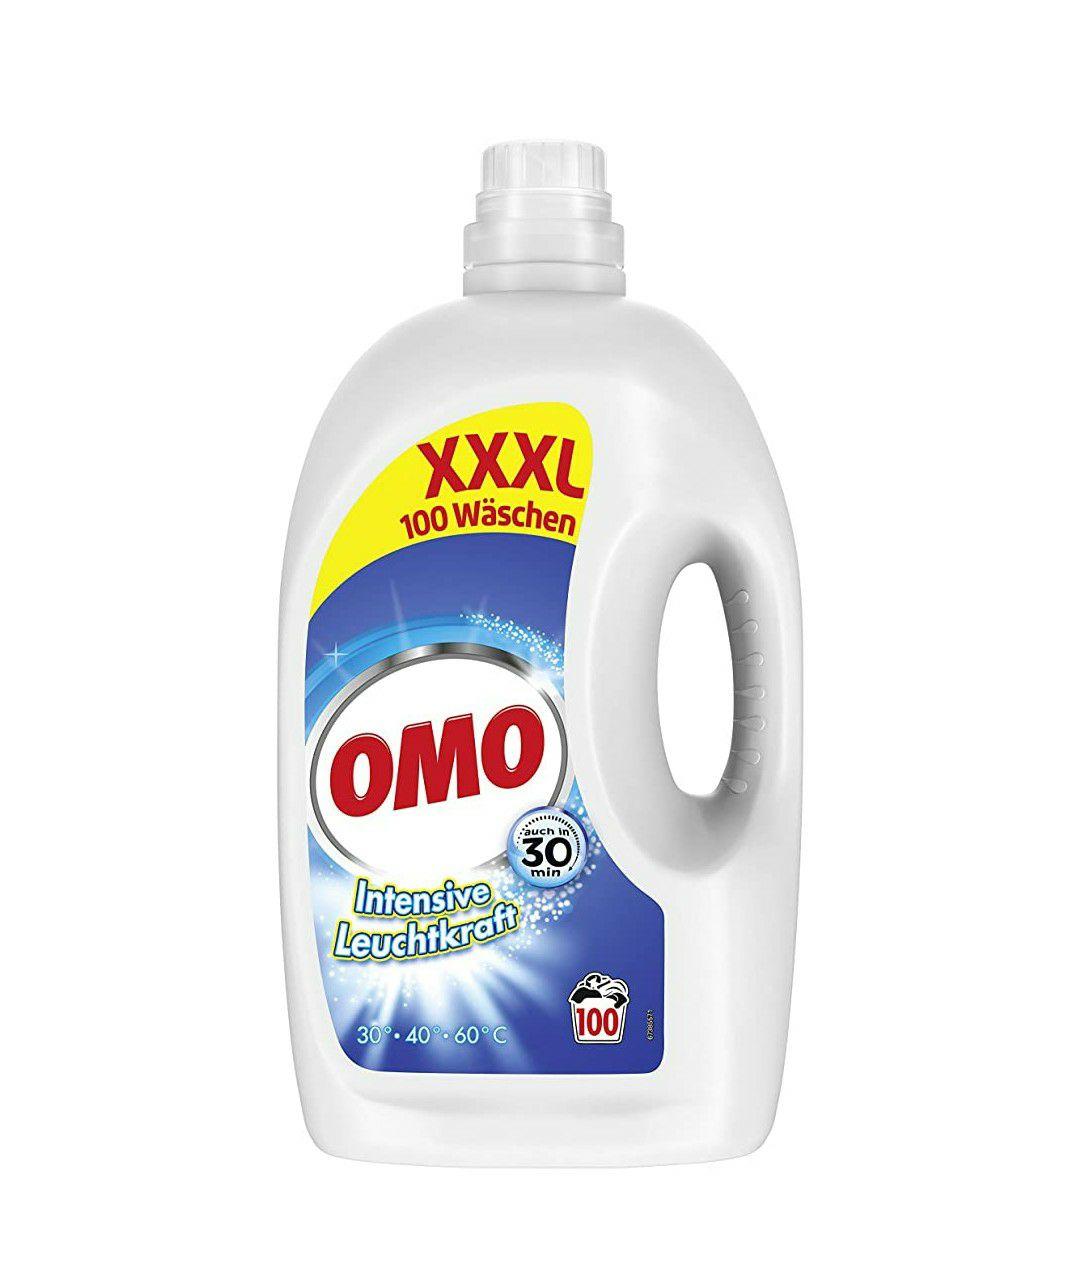 OMO Flüssigwaschmittel 100 WL